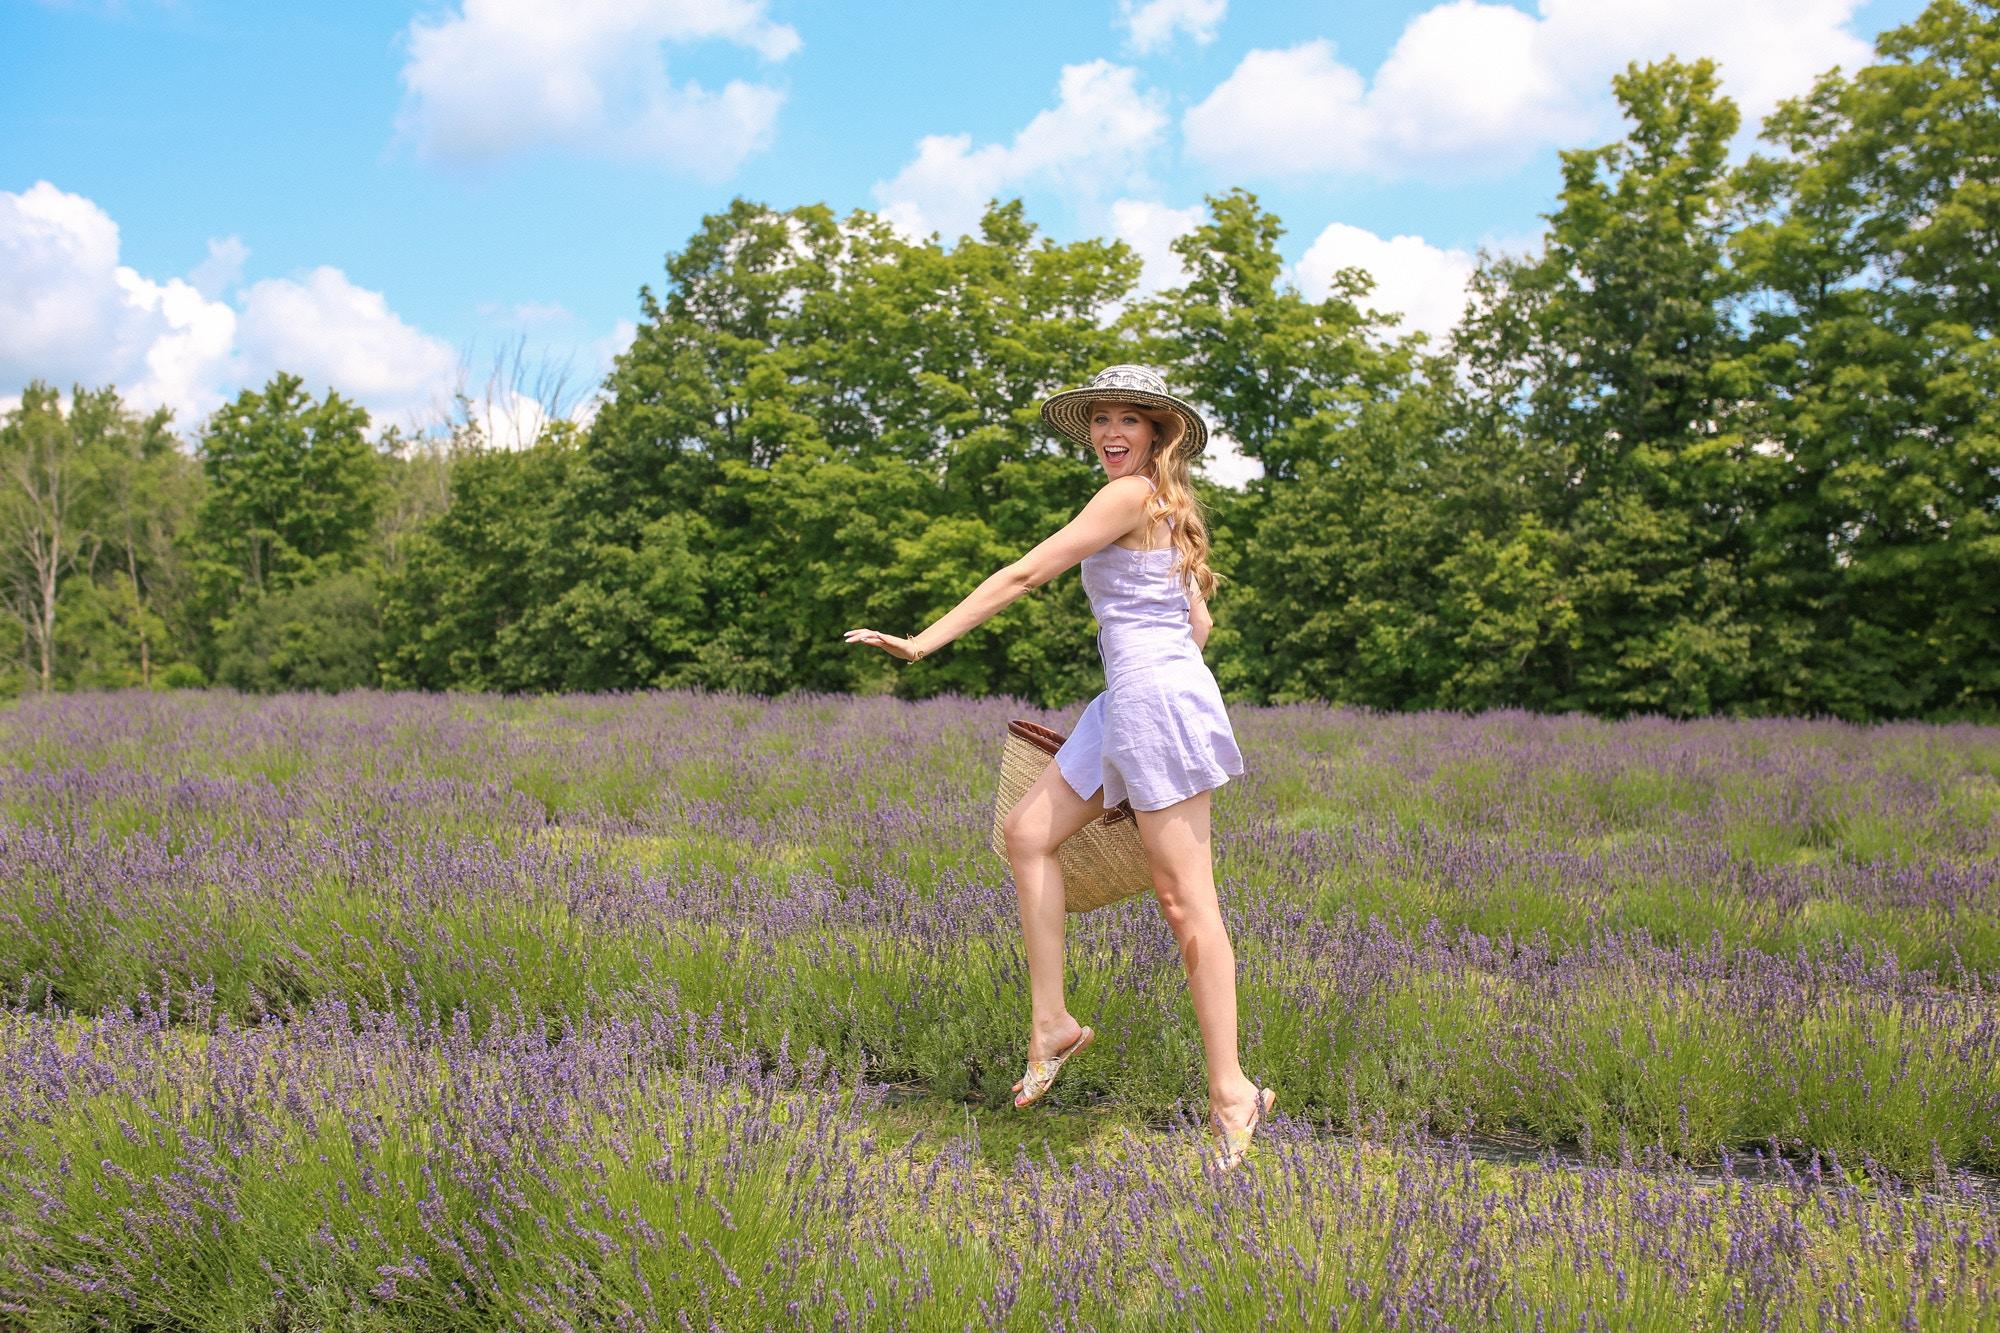 Having fun in lavender fields near Toronto